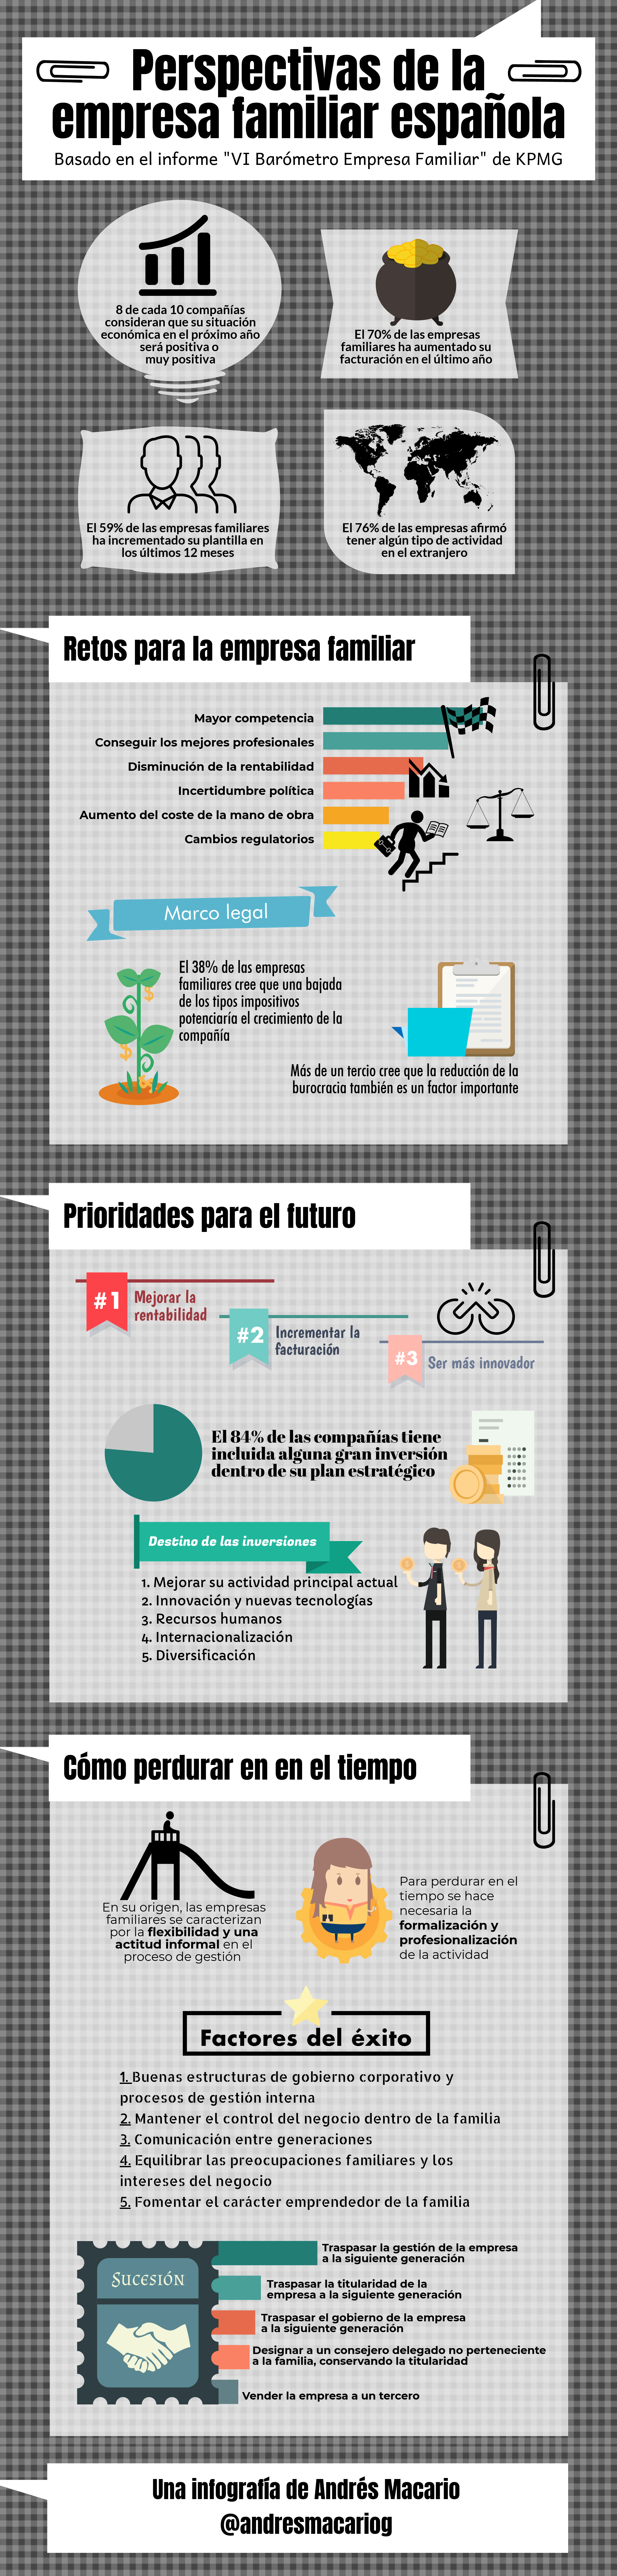 Perspectivas de la empresa familiar española - Infografía Andrés Macario